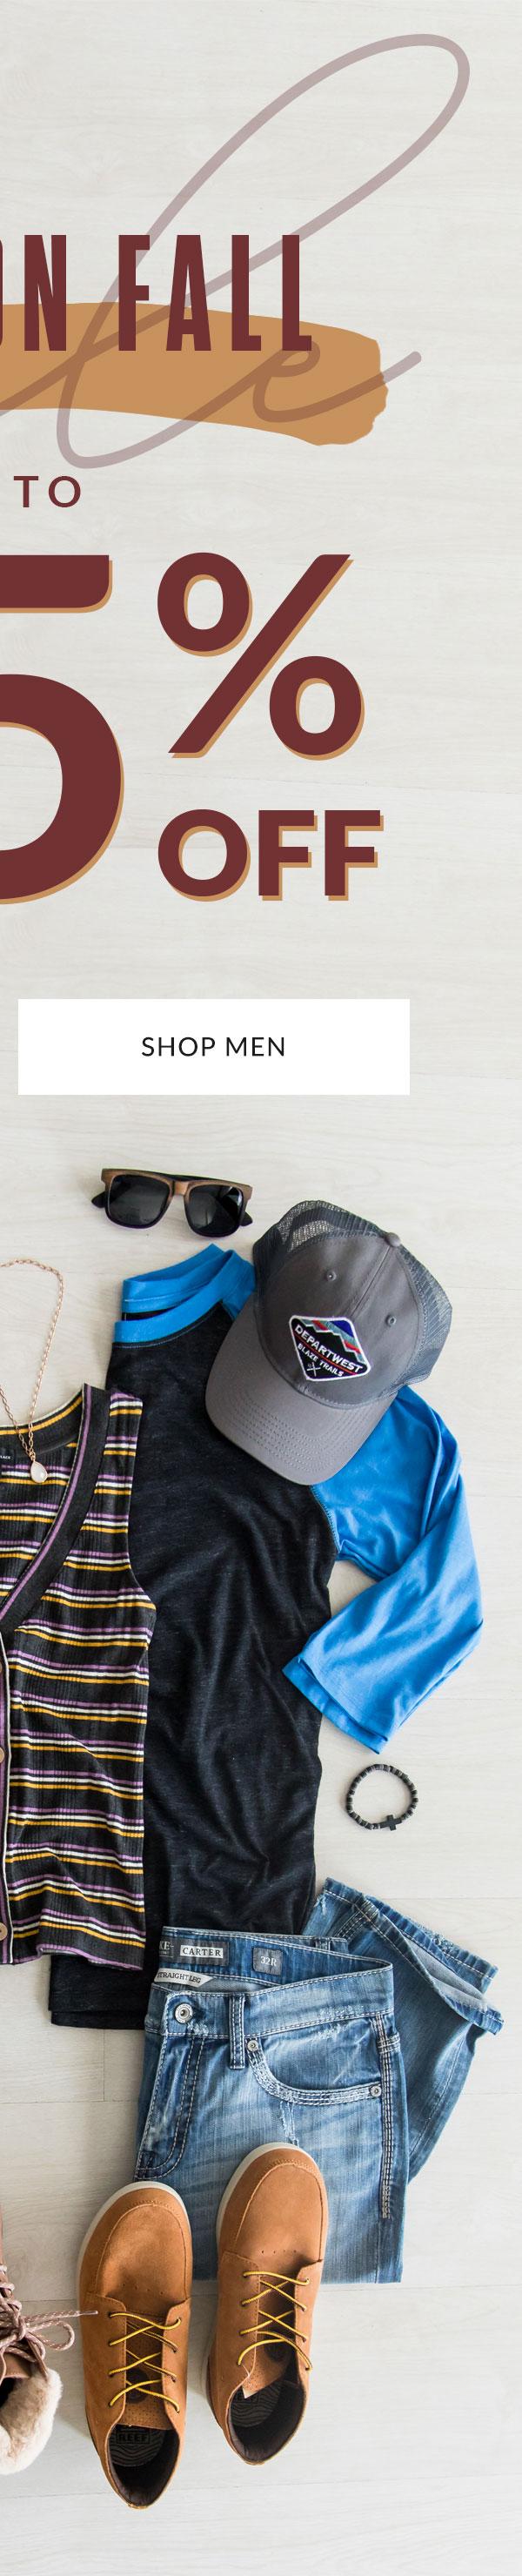 Shop Men's Fall Sale